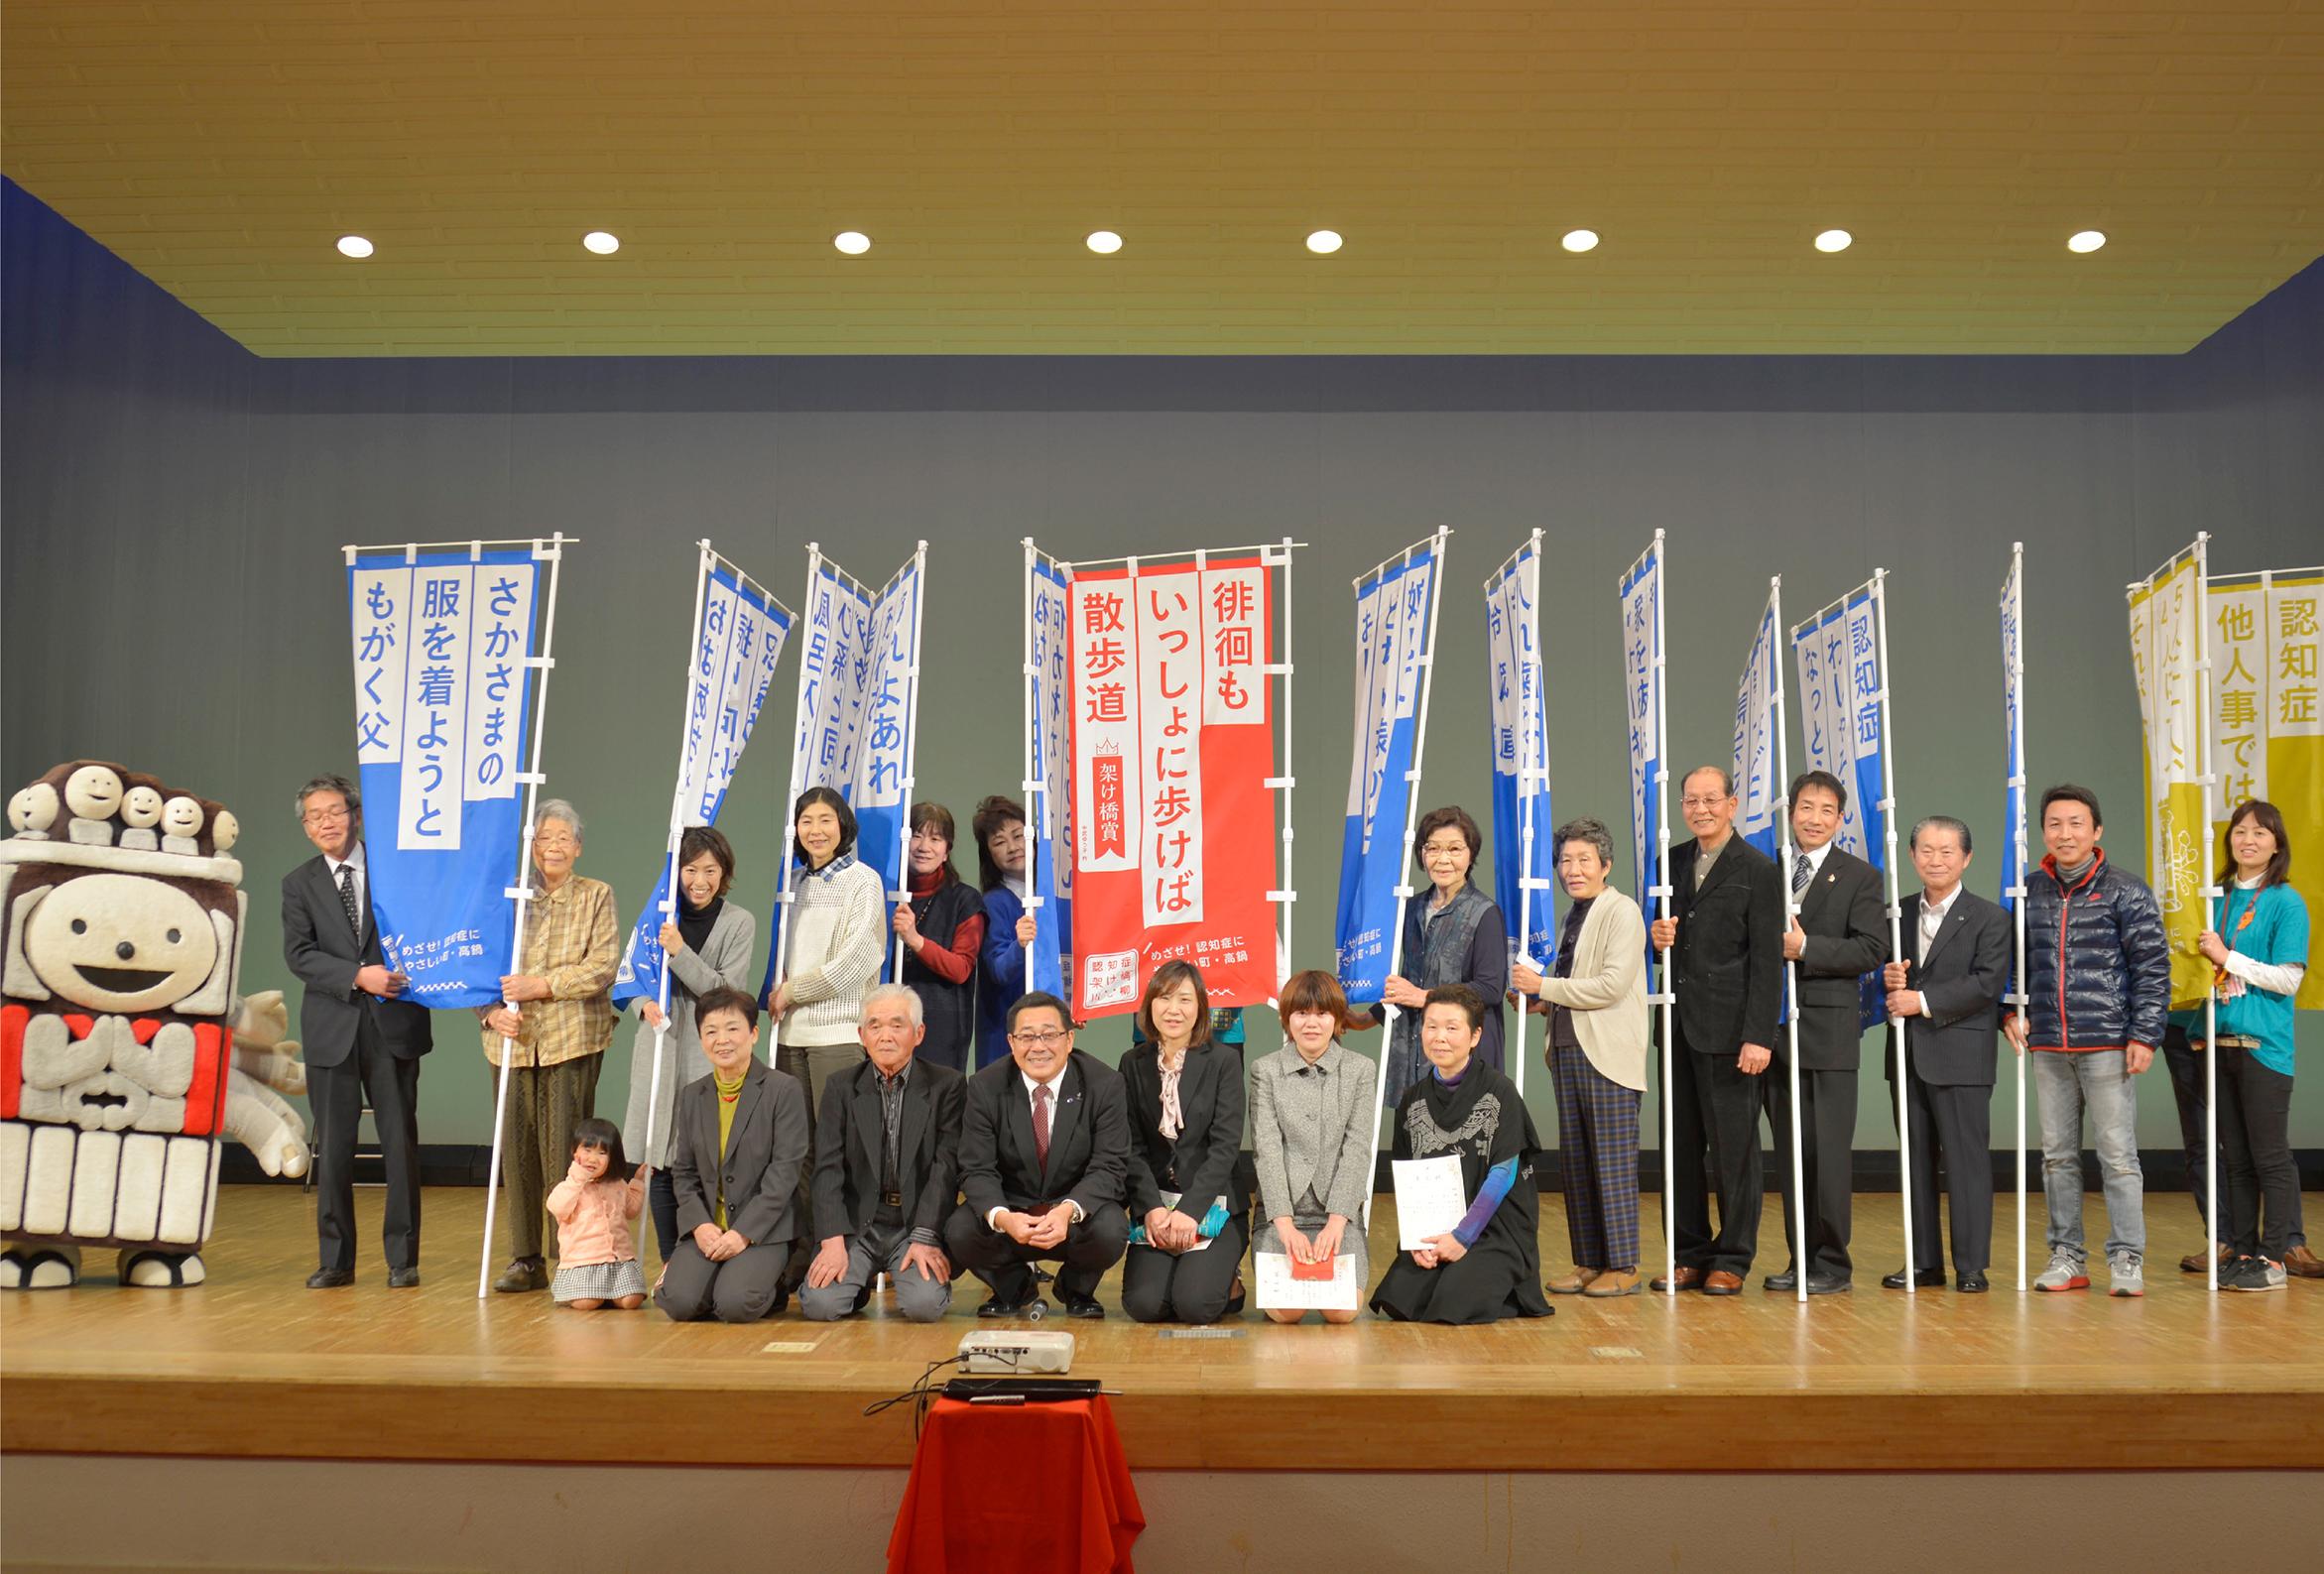 2017年度 川柳表彰式